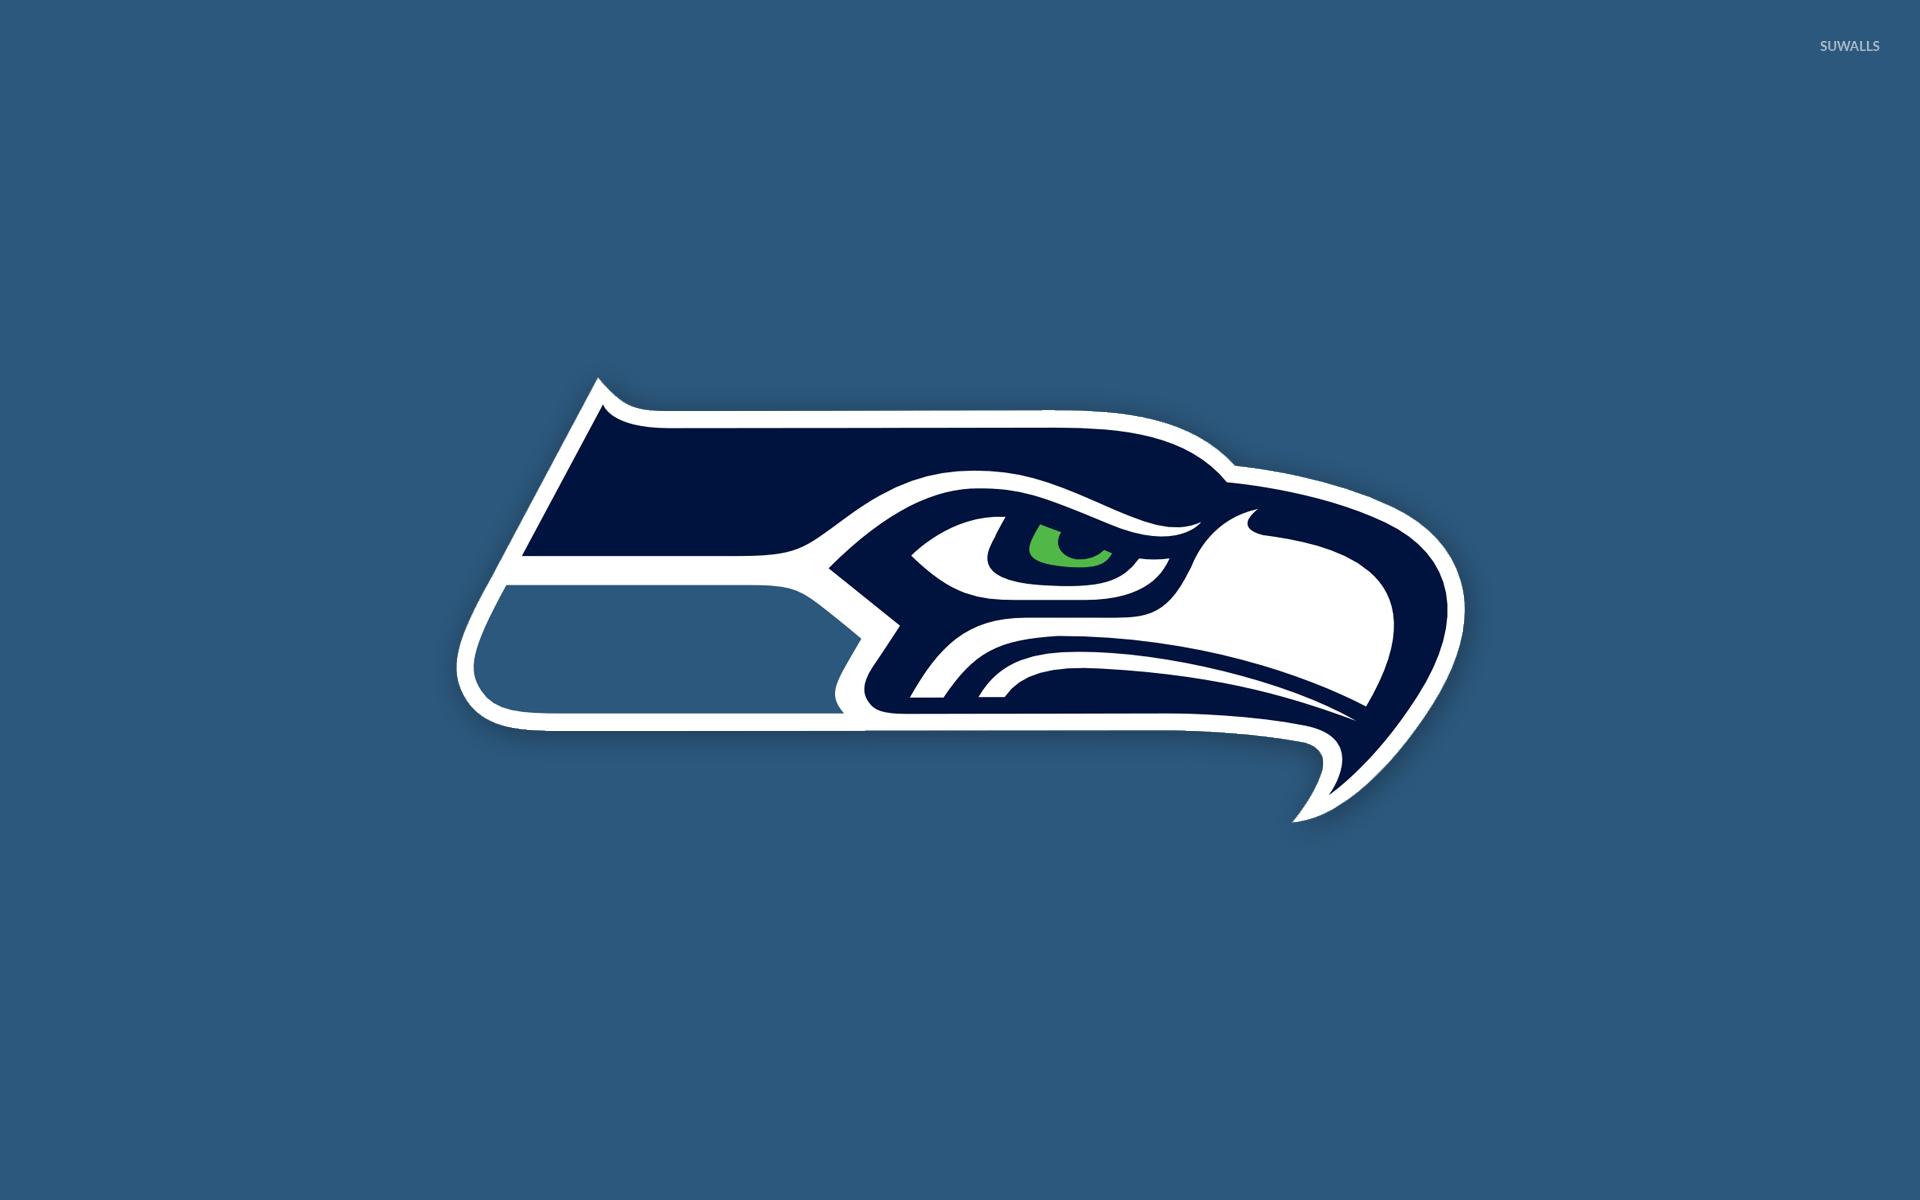 Seattle Seahawks On Blue Background Wallpaper Sport Wallpapers 49699